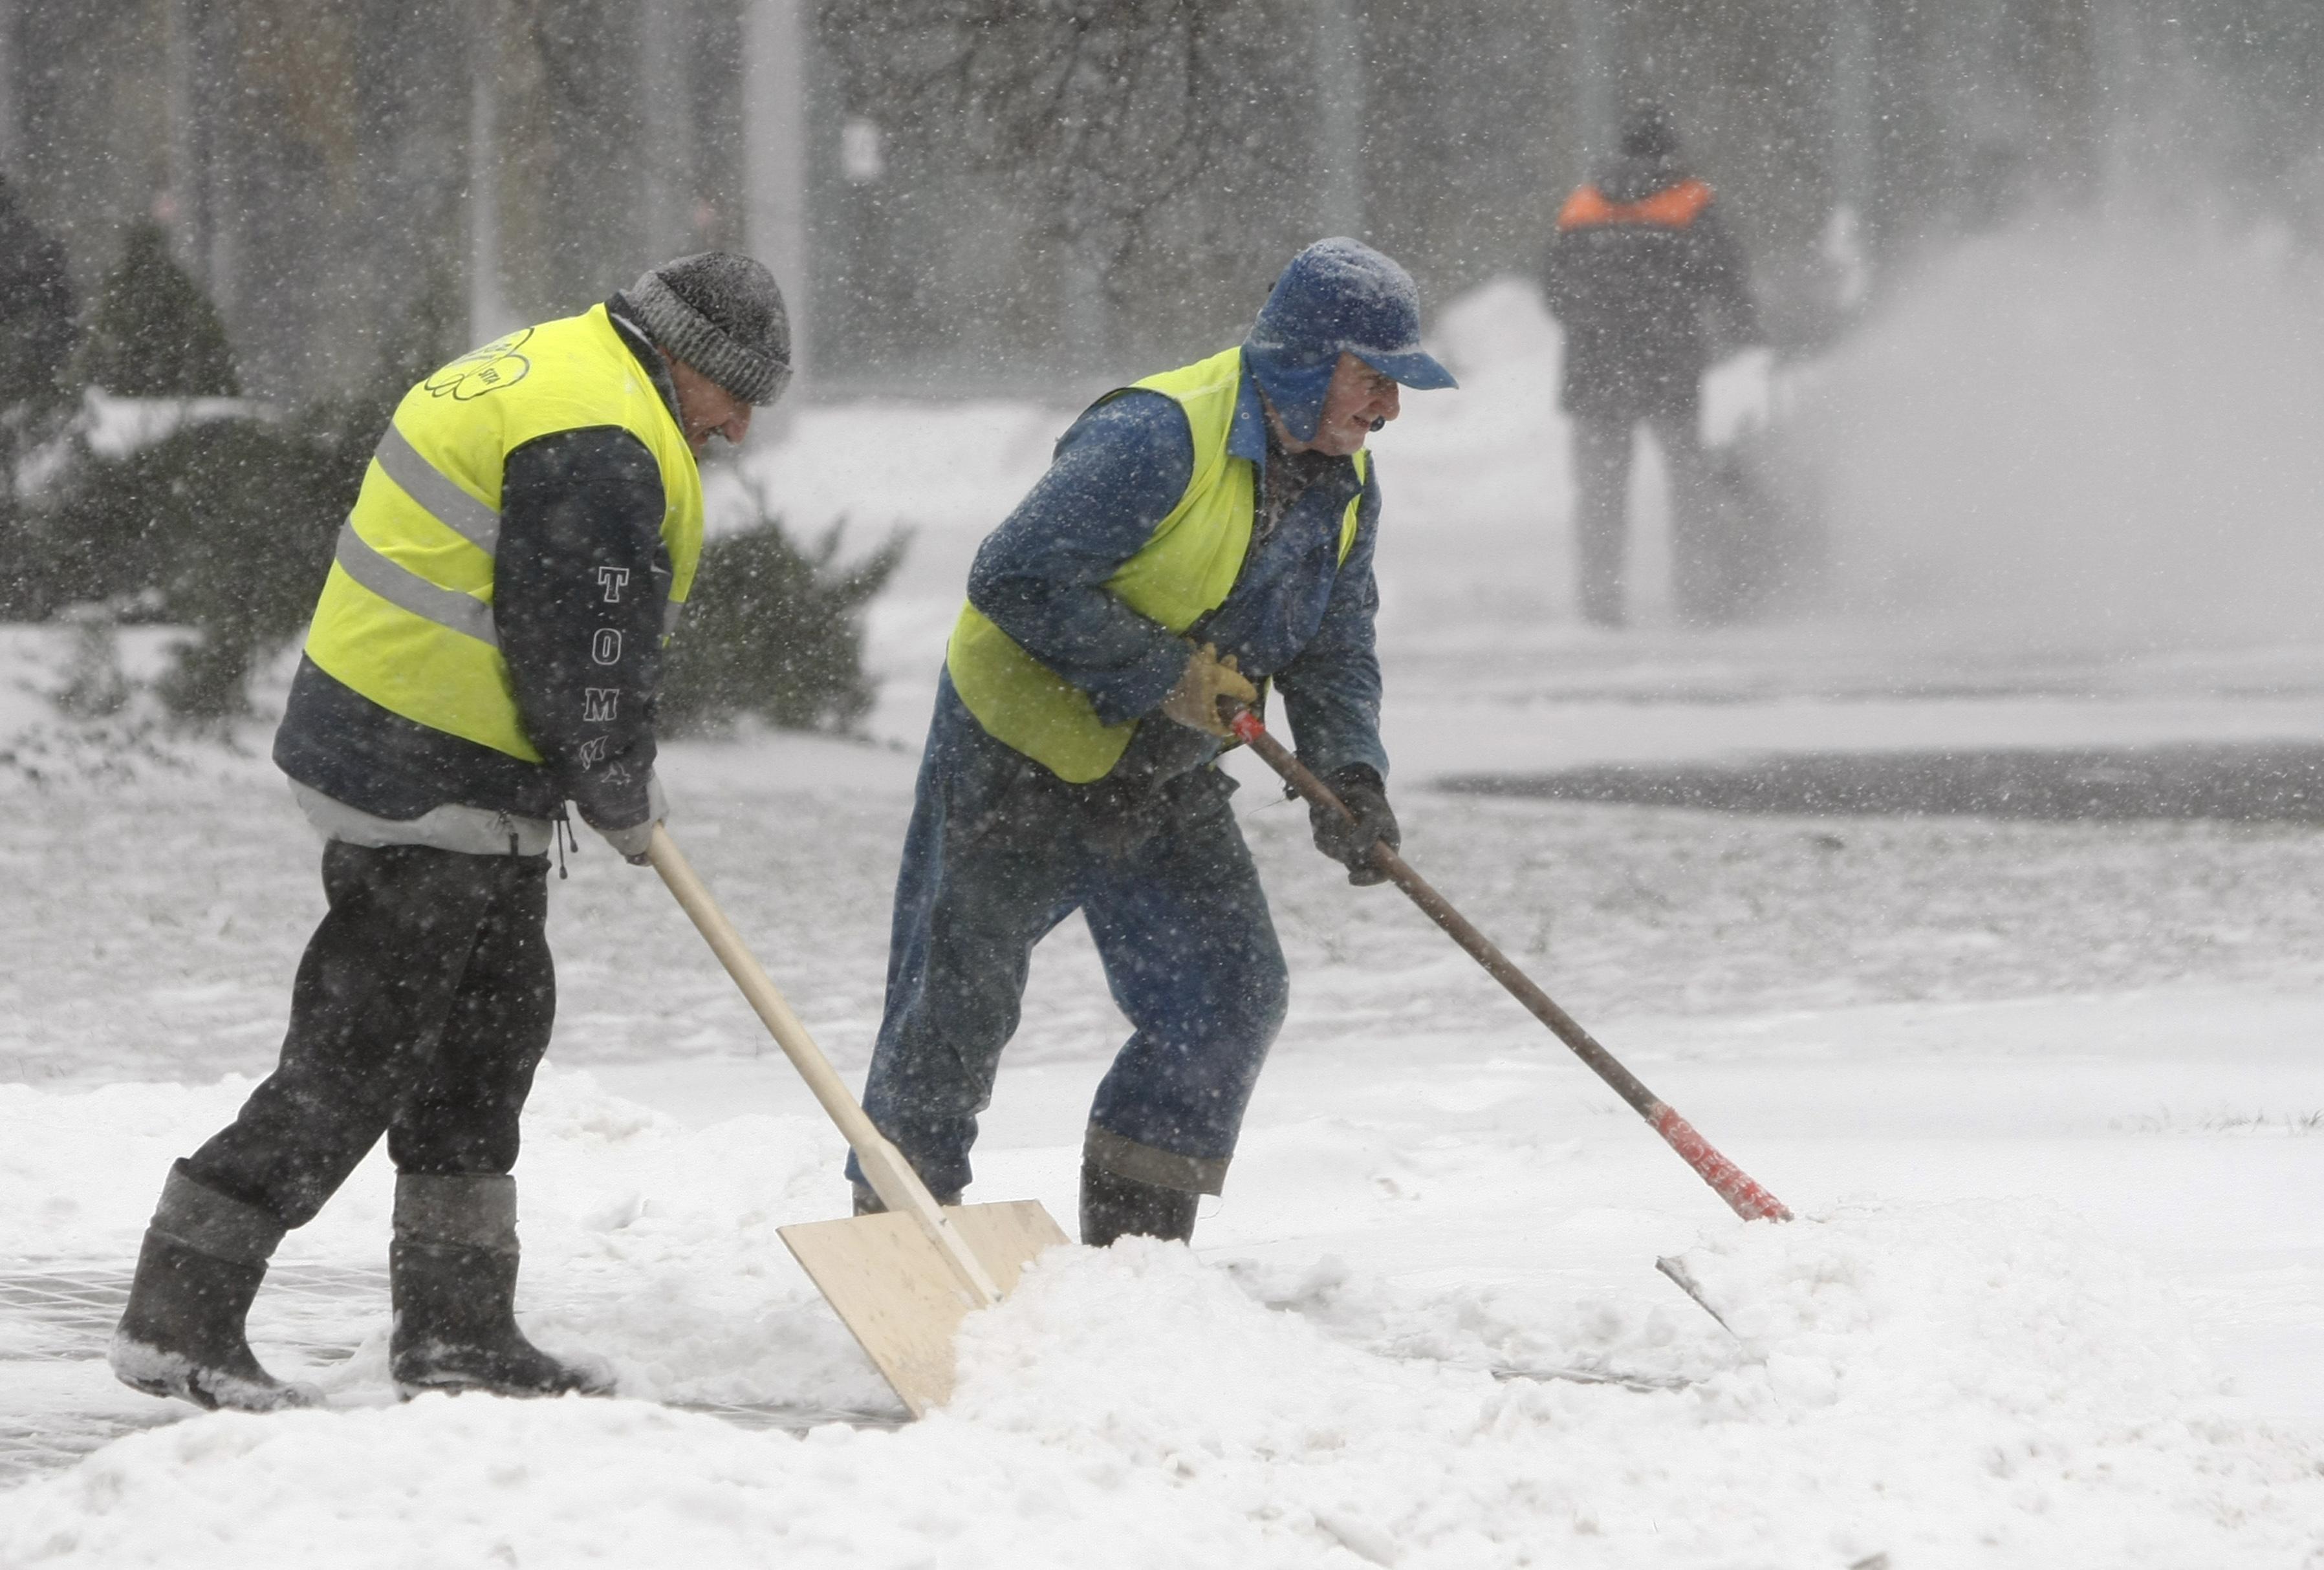 Εργάτες στην Πολωνία προσπαθούν να καθαρίσουν τους δρόμους - ΦΩΤΟ REUTERS